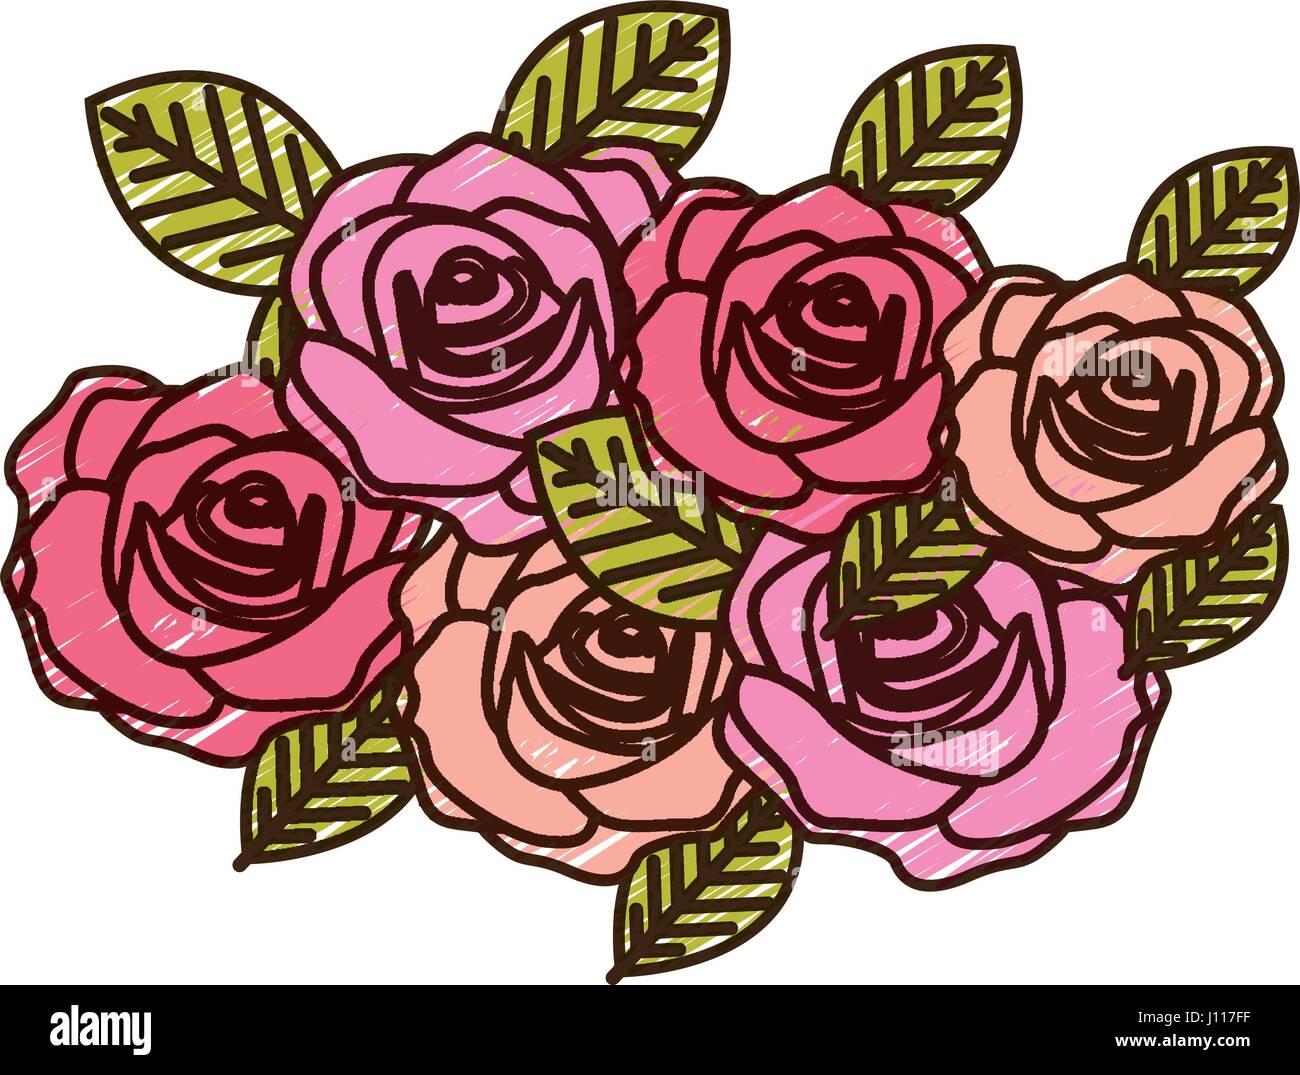 Dibujo A Lápiz De Color De Rosas Ramo Diseño Decorativo Ilustración